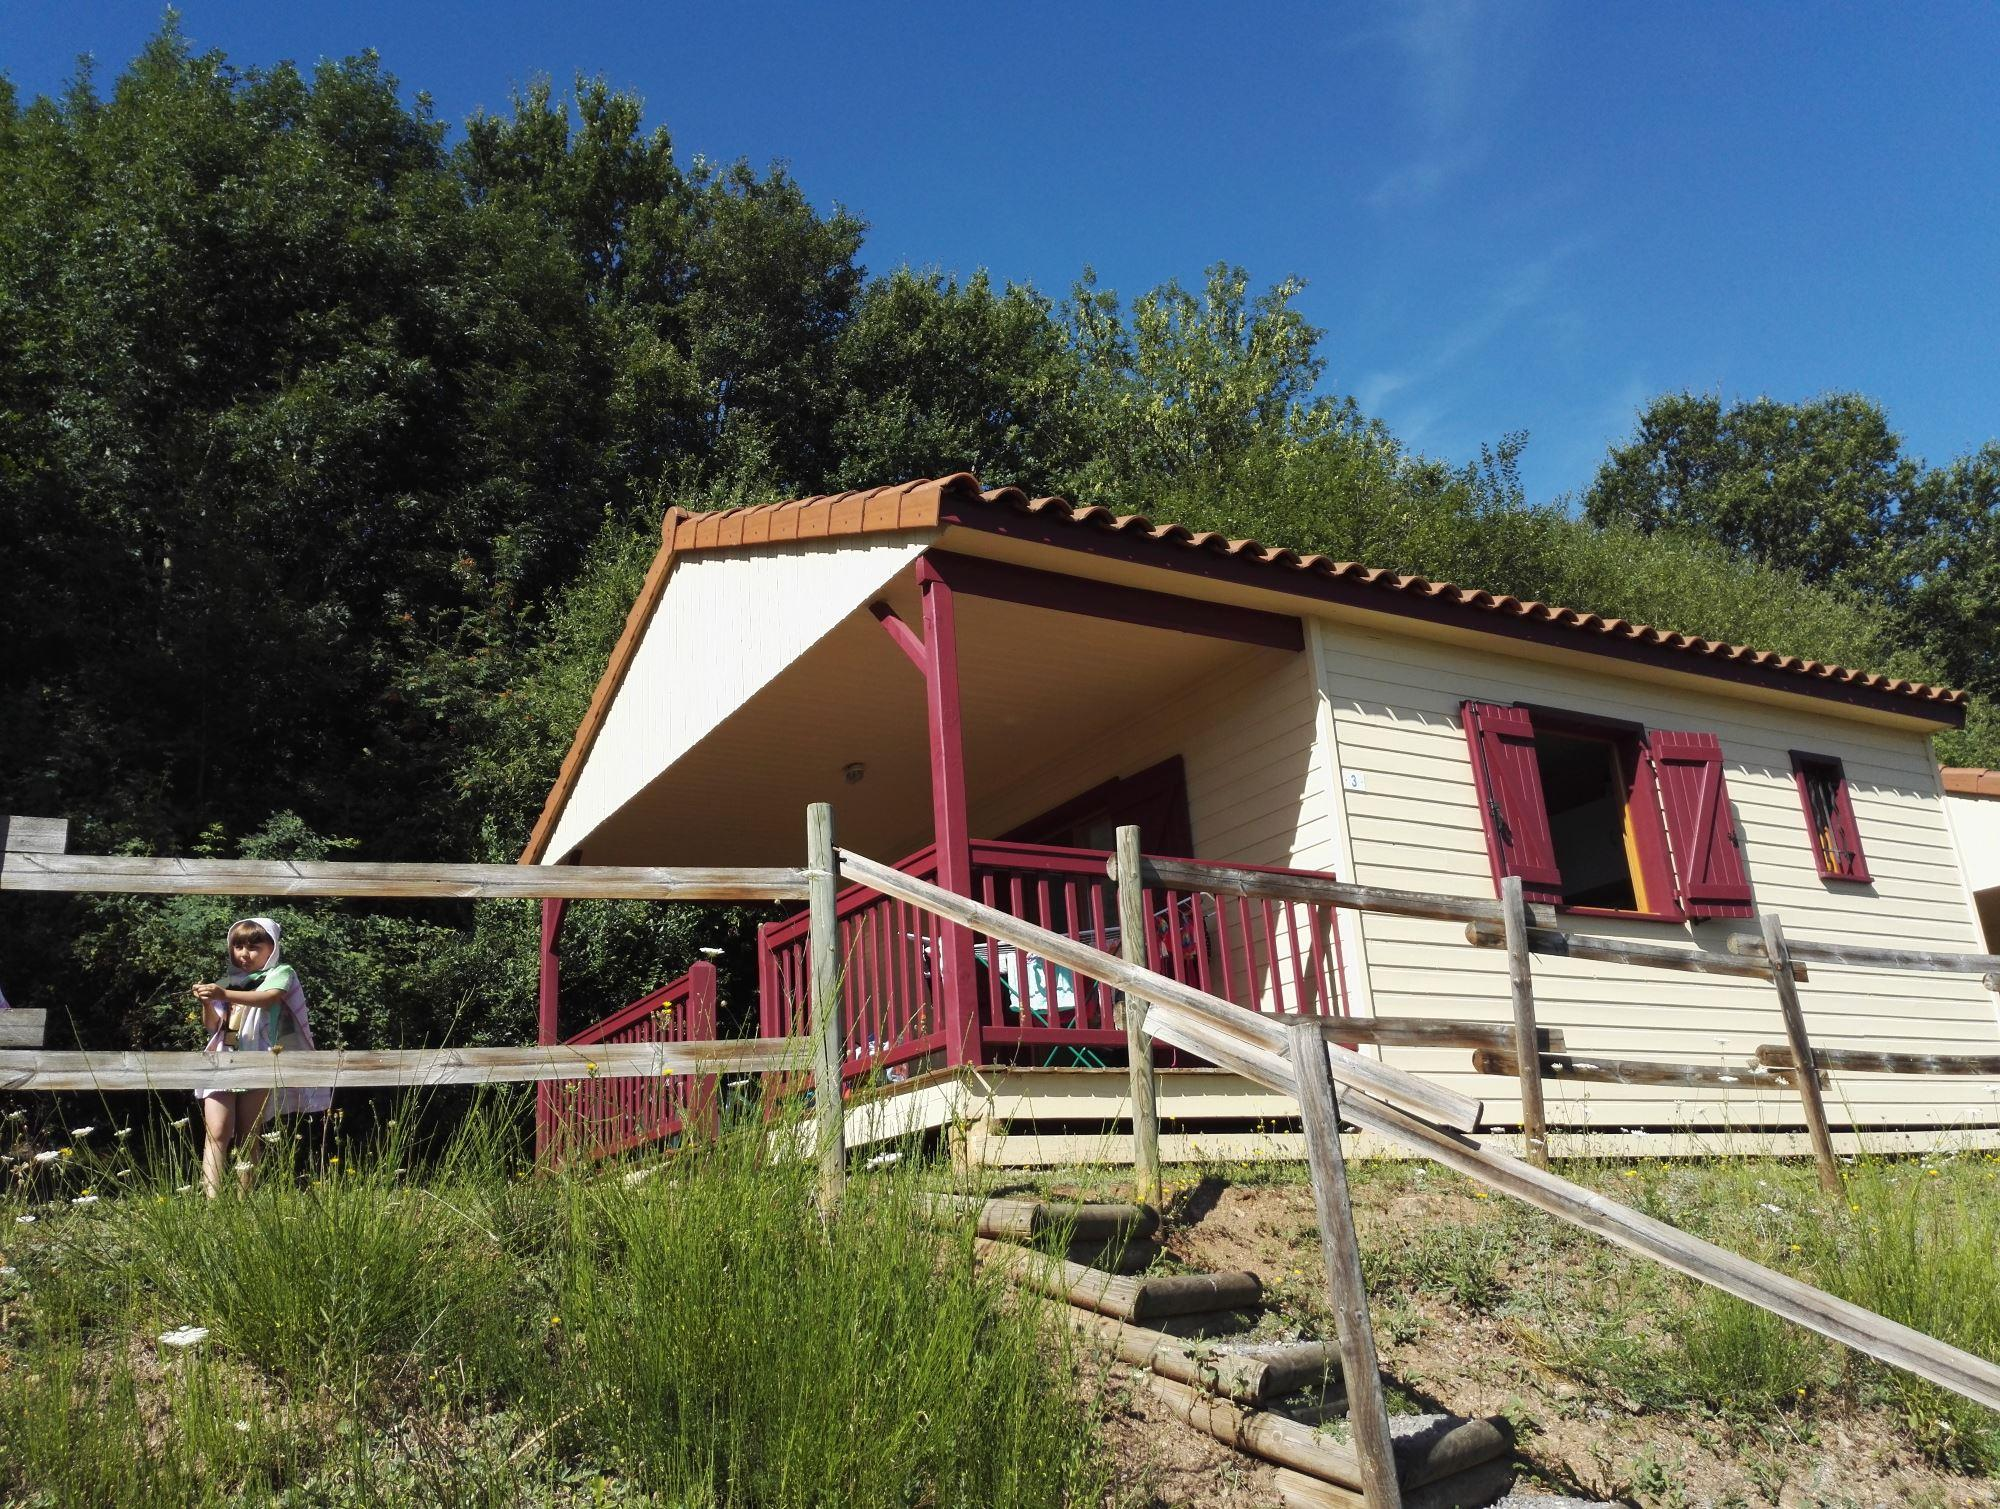 Camping de la Bageasse, Vieille-Brioude, Haute-Loire